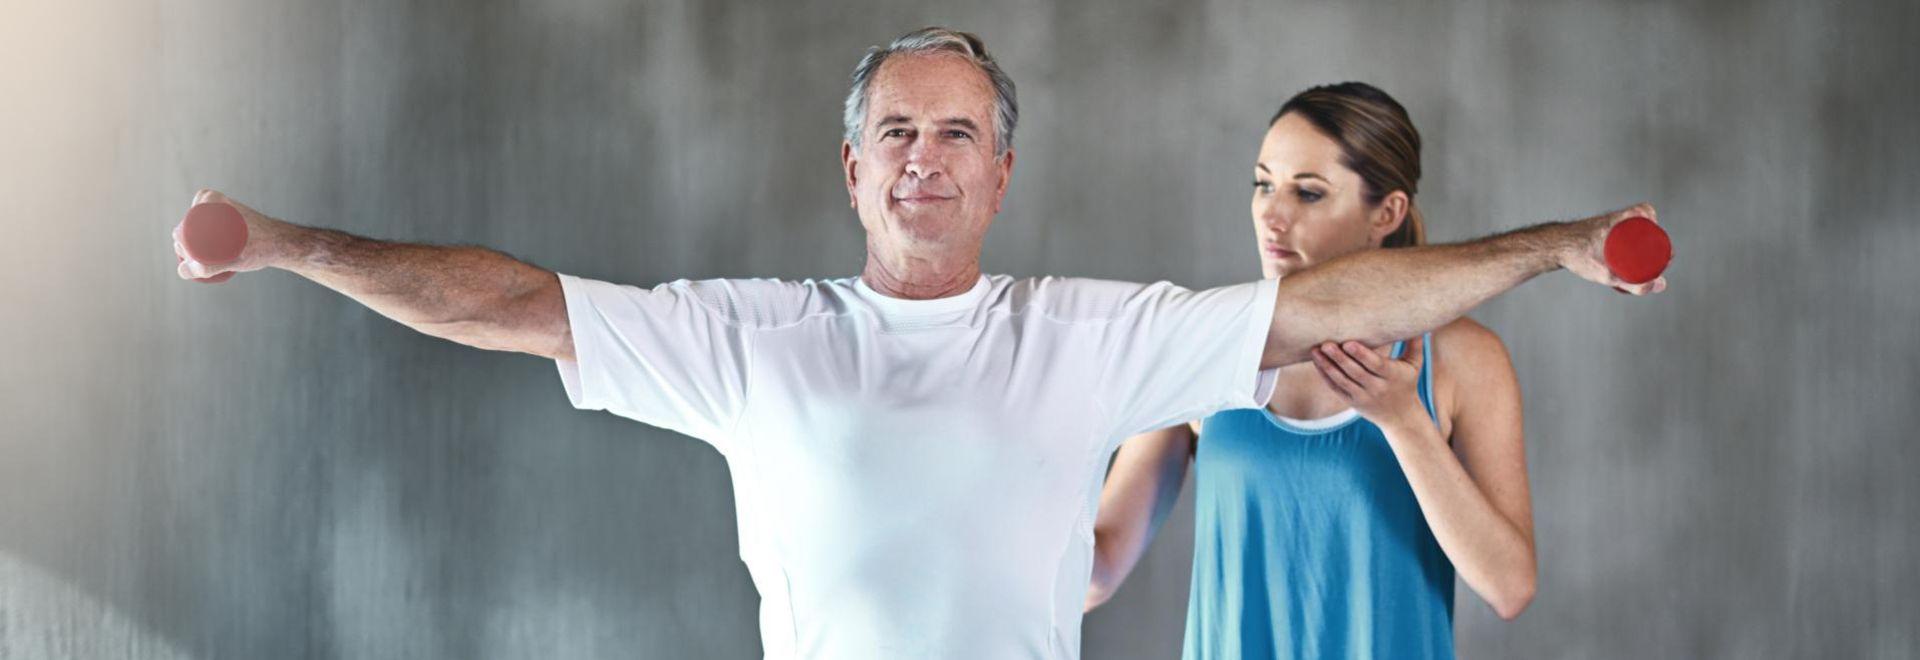 Motivation & Zielerreichung mit dem Klienten erarbeiten